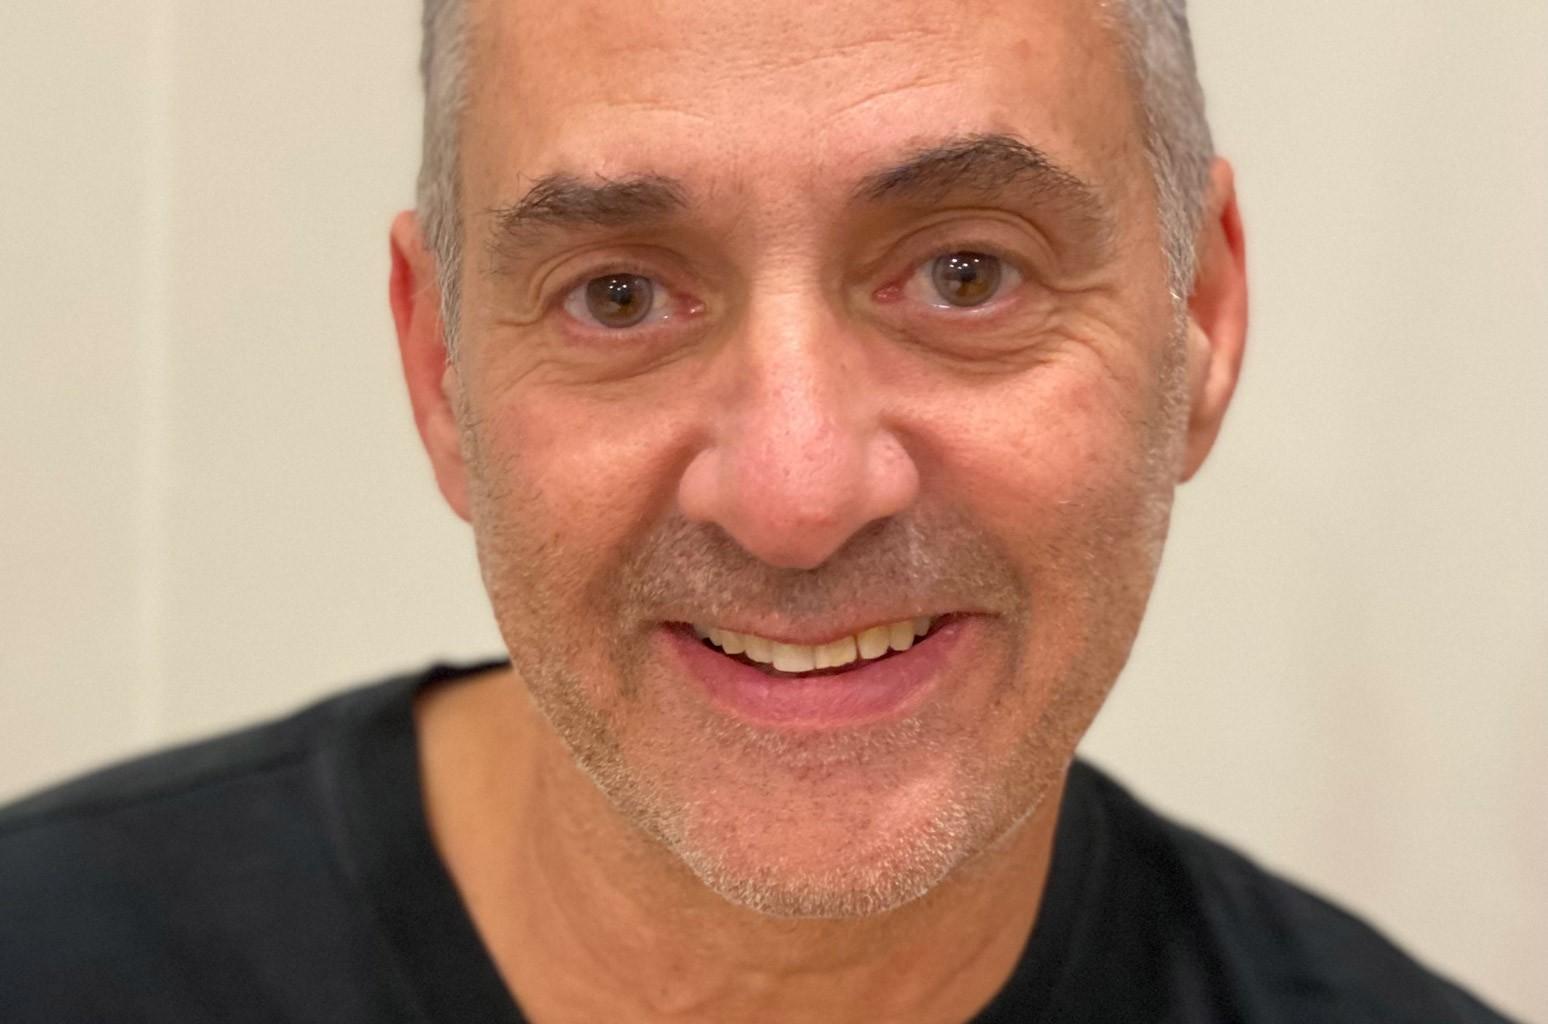 Greg Dorfman